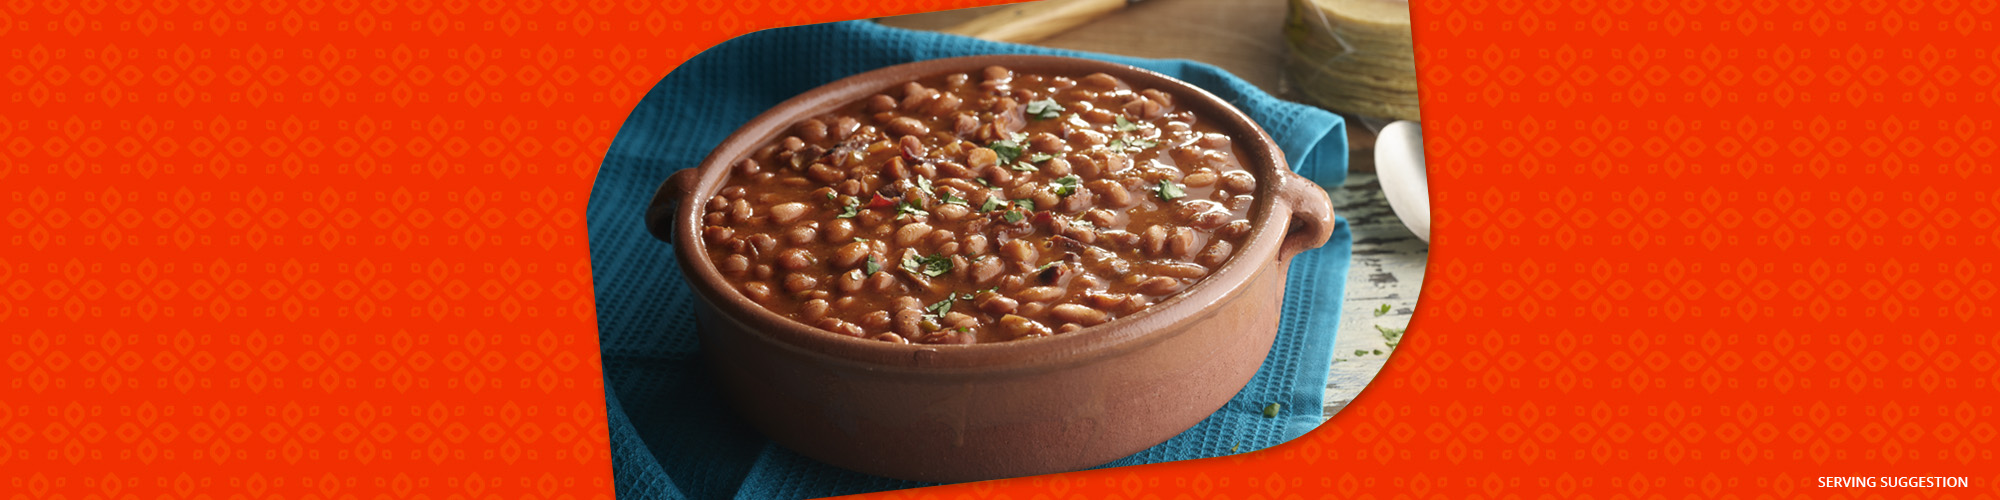 Salsas enchilada beans